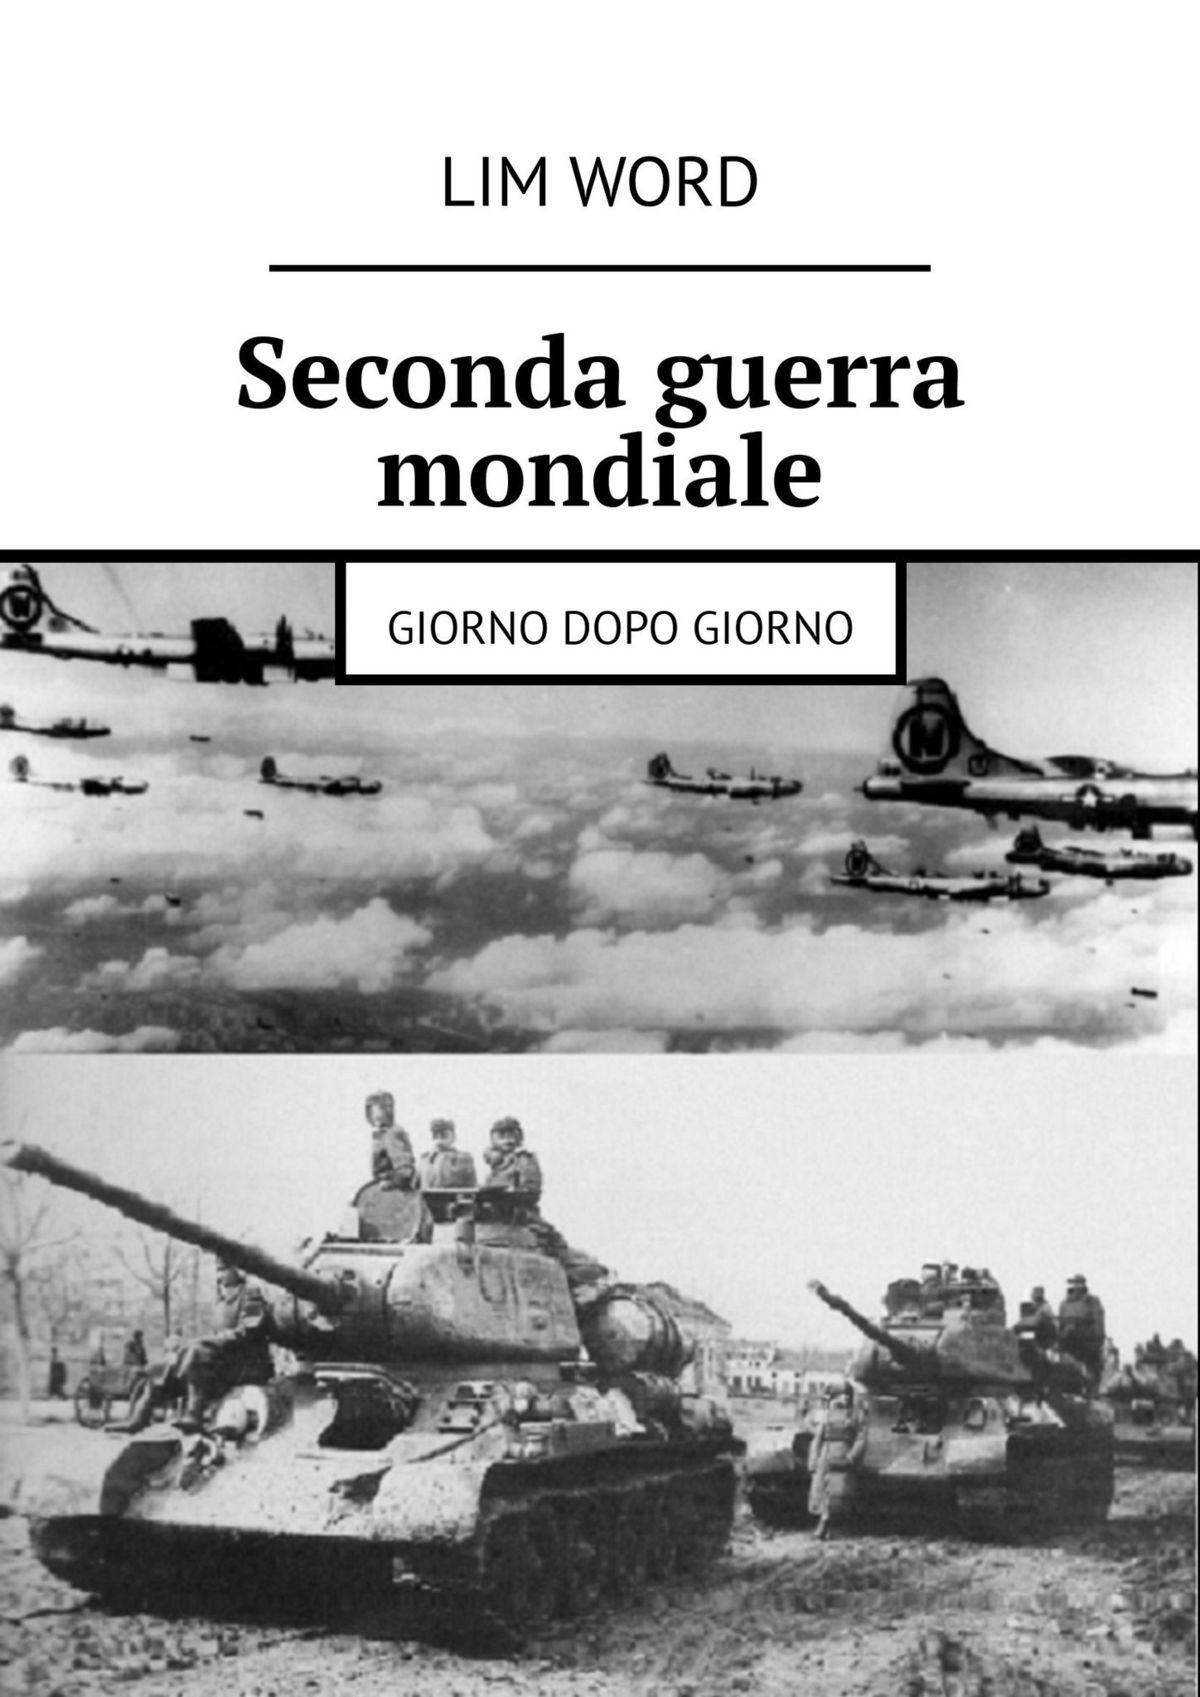 Лим Ворд Seconda guerra mondiale. Giorno dopo giorno